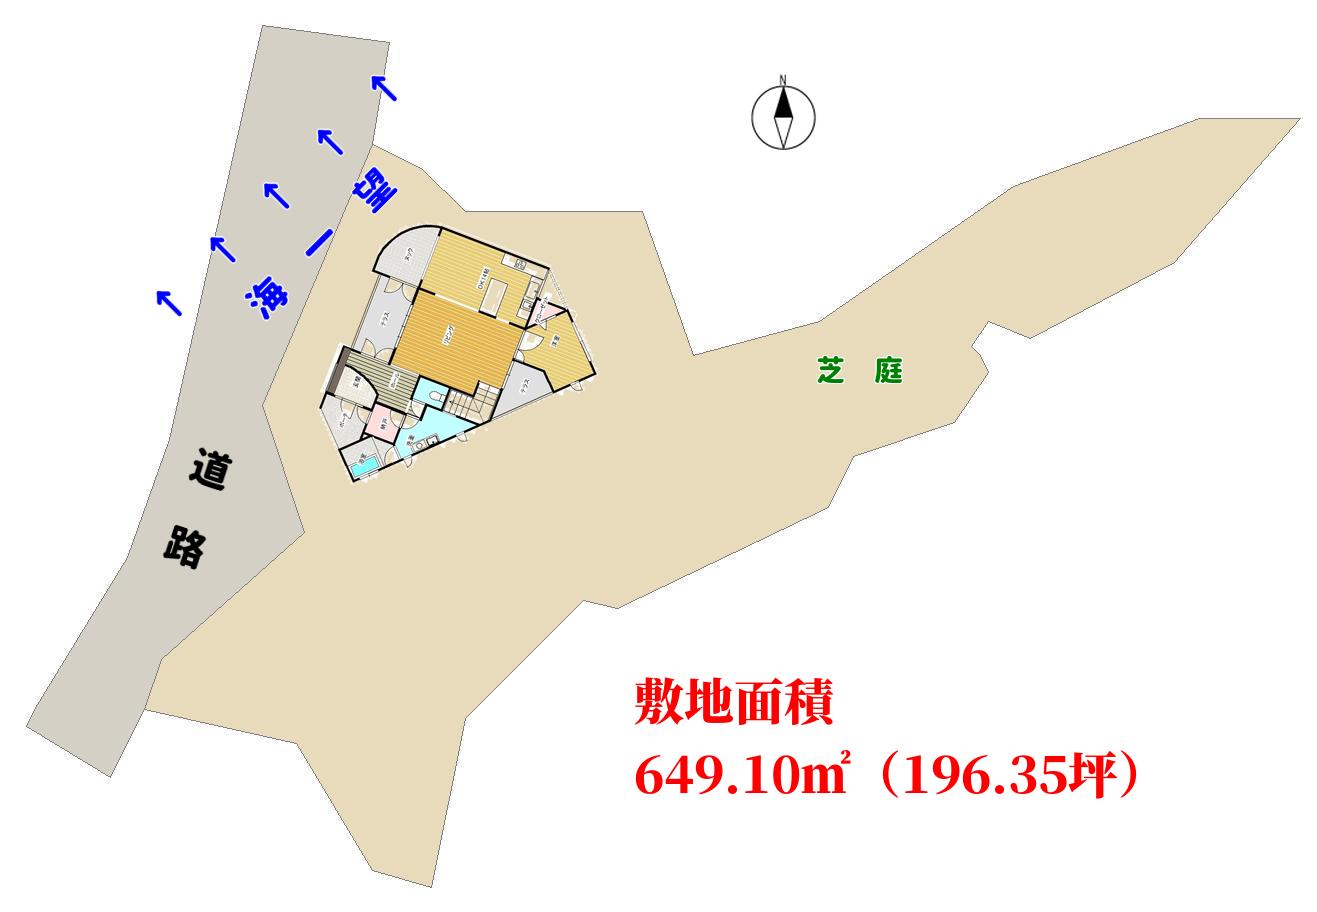 千葉県館山市坂田の中古住宅 敷地図